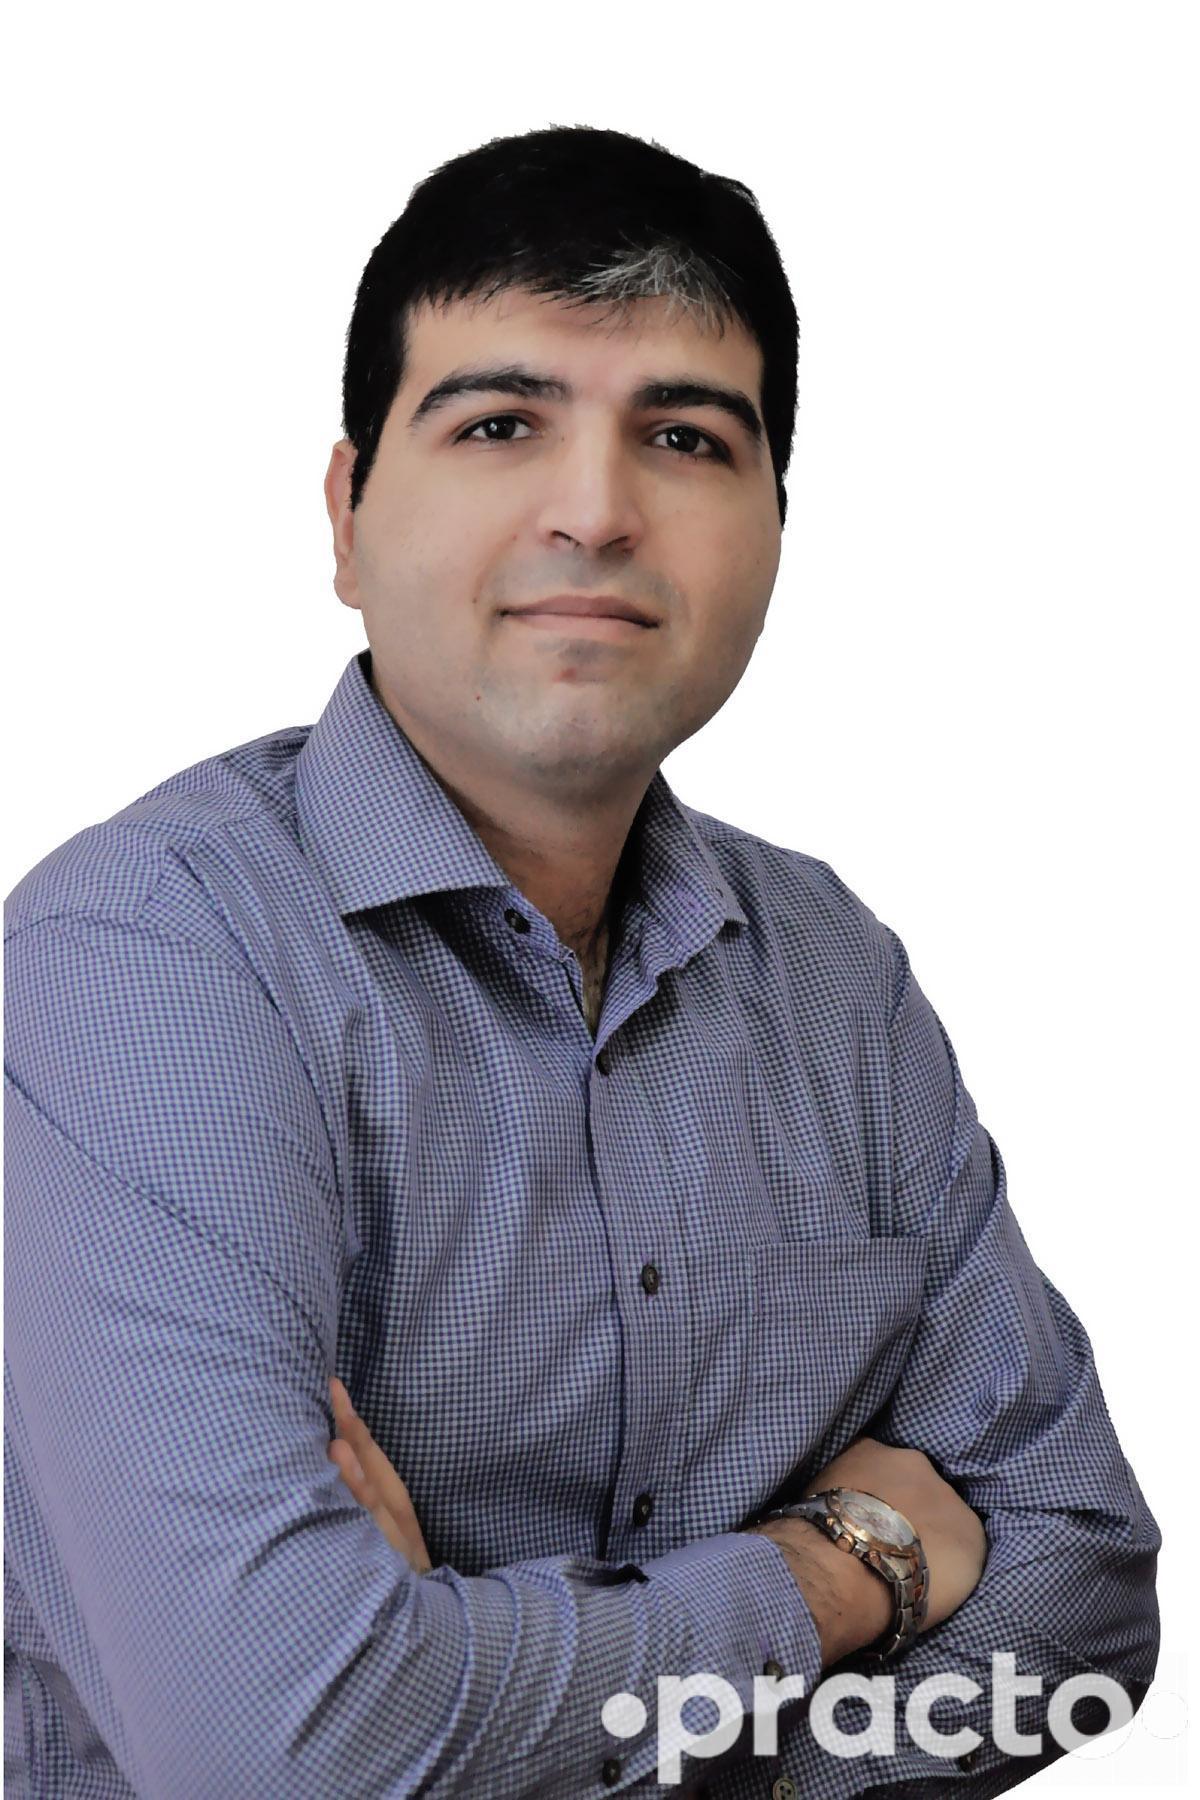 Dr. Varun Gogia - Ophthalmologist